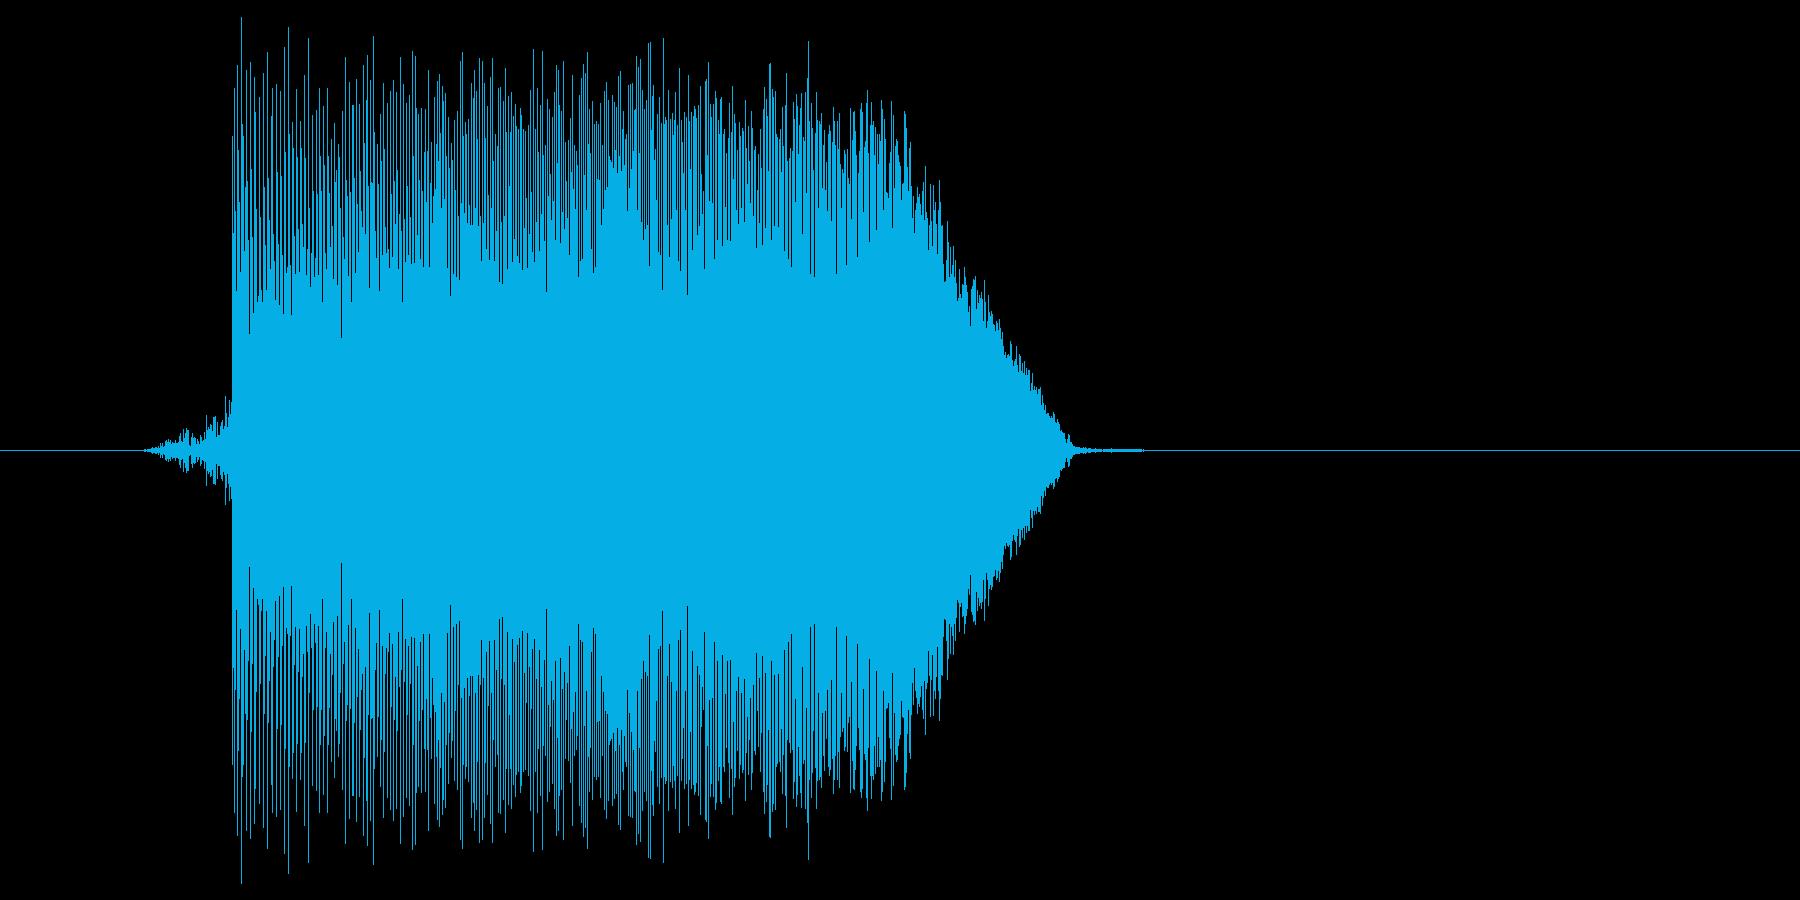 ゲーム(ファミコン風)ジャンプ音_013の再生済みの波形